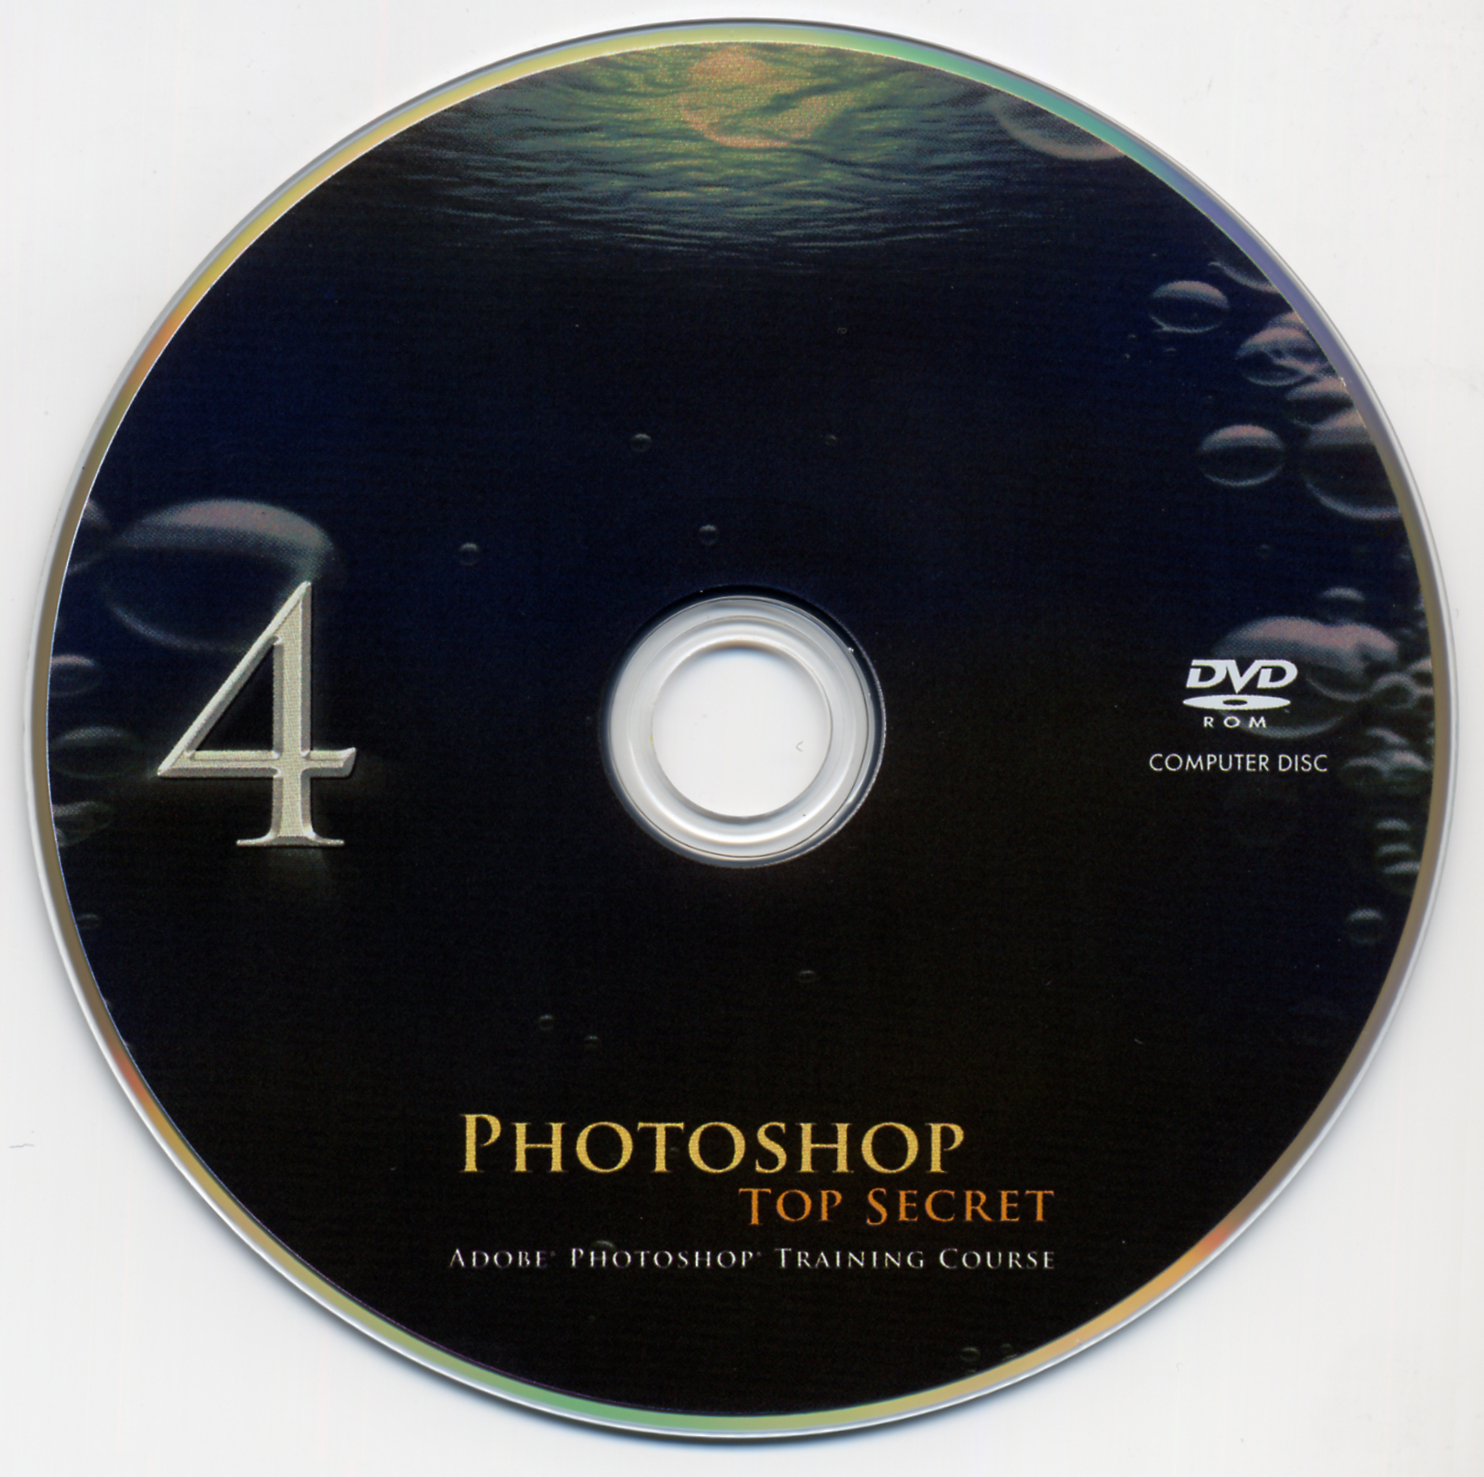 photoshop top secret_Disc4_Cover